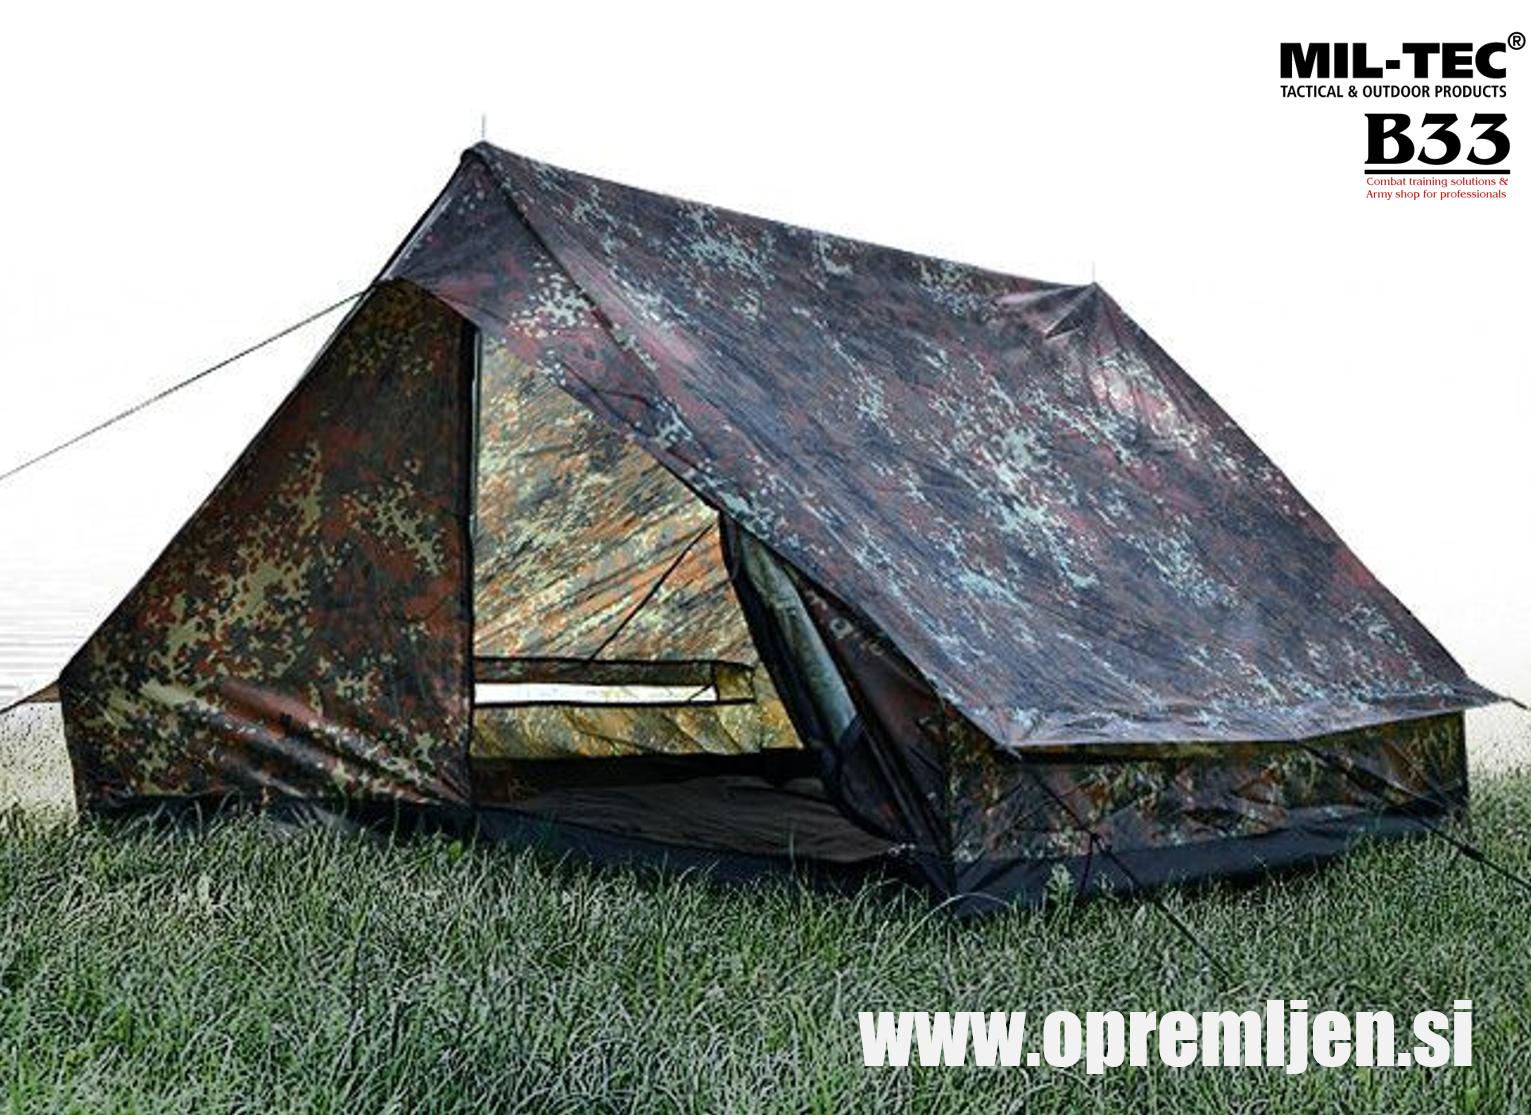 MIL-TEC vojaški šotor za dve odrasli osebi 'MINI PACK SUPER' flecktarn vzorec by B33 army shop at www.opremljen.si